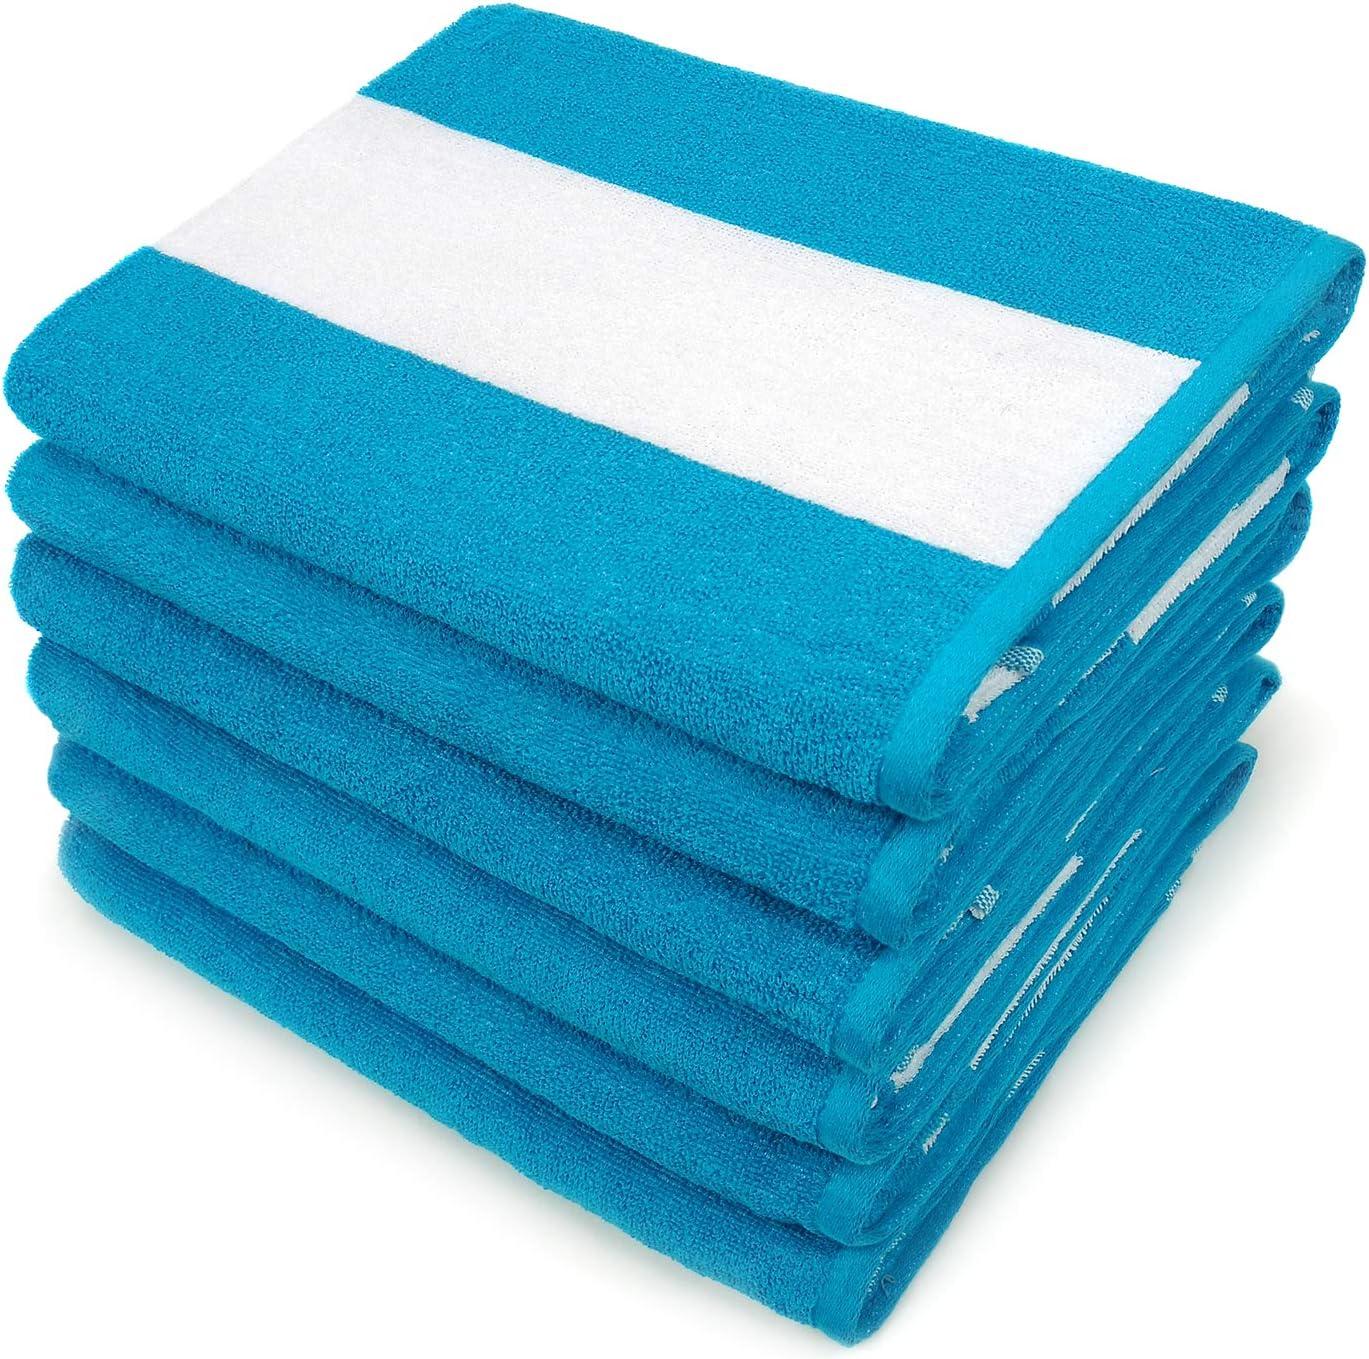 Cabana Terry Loop Beach and Loop Towel 6-Pack